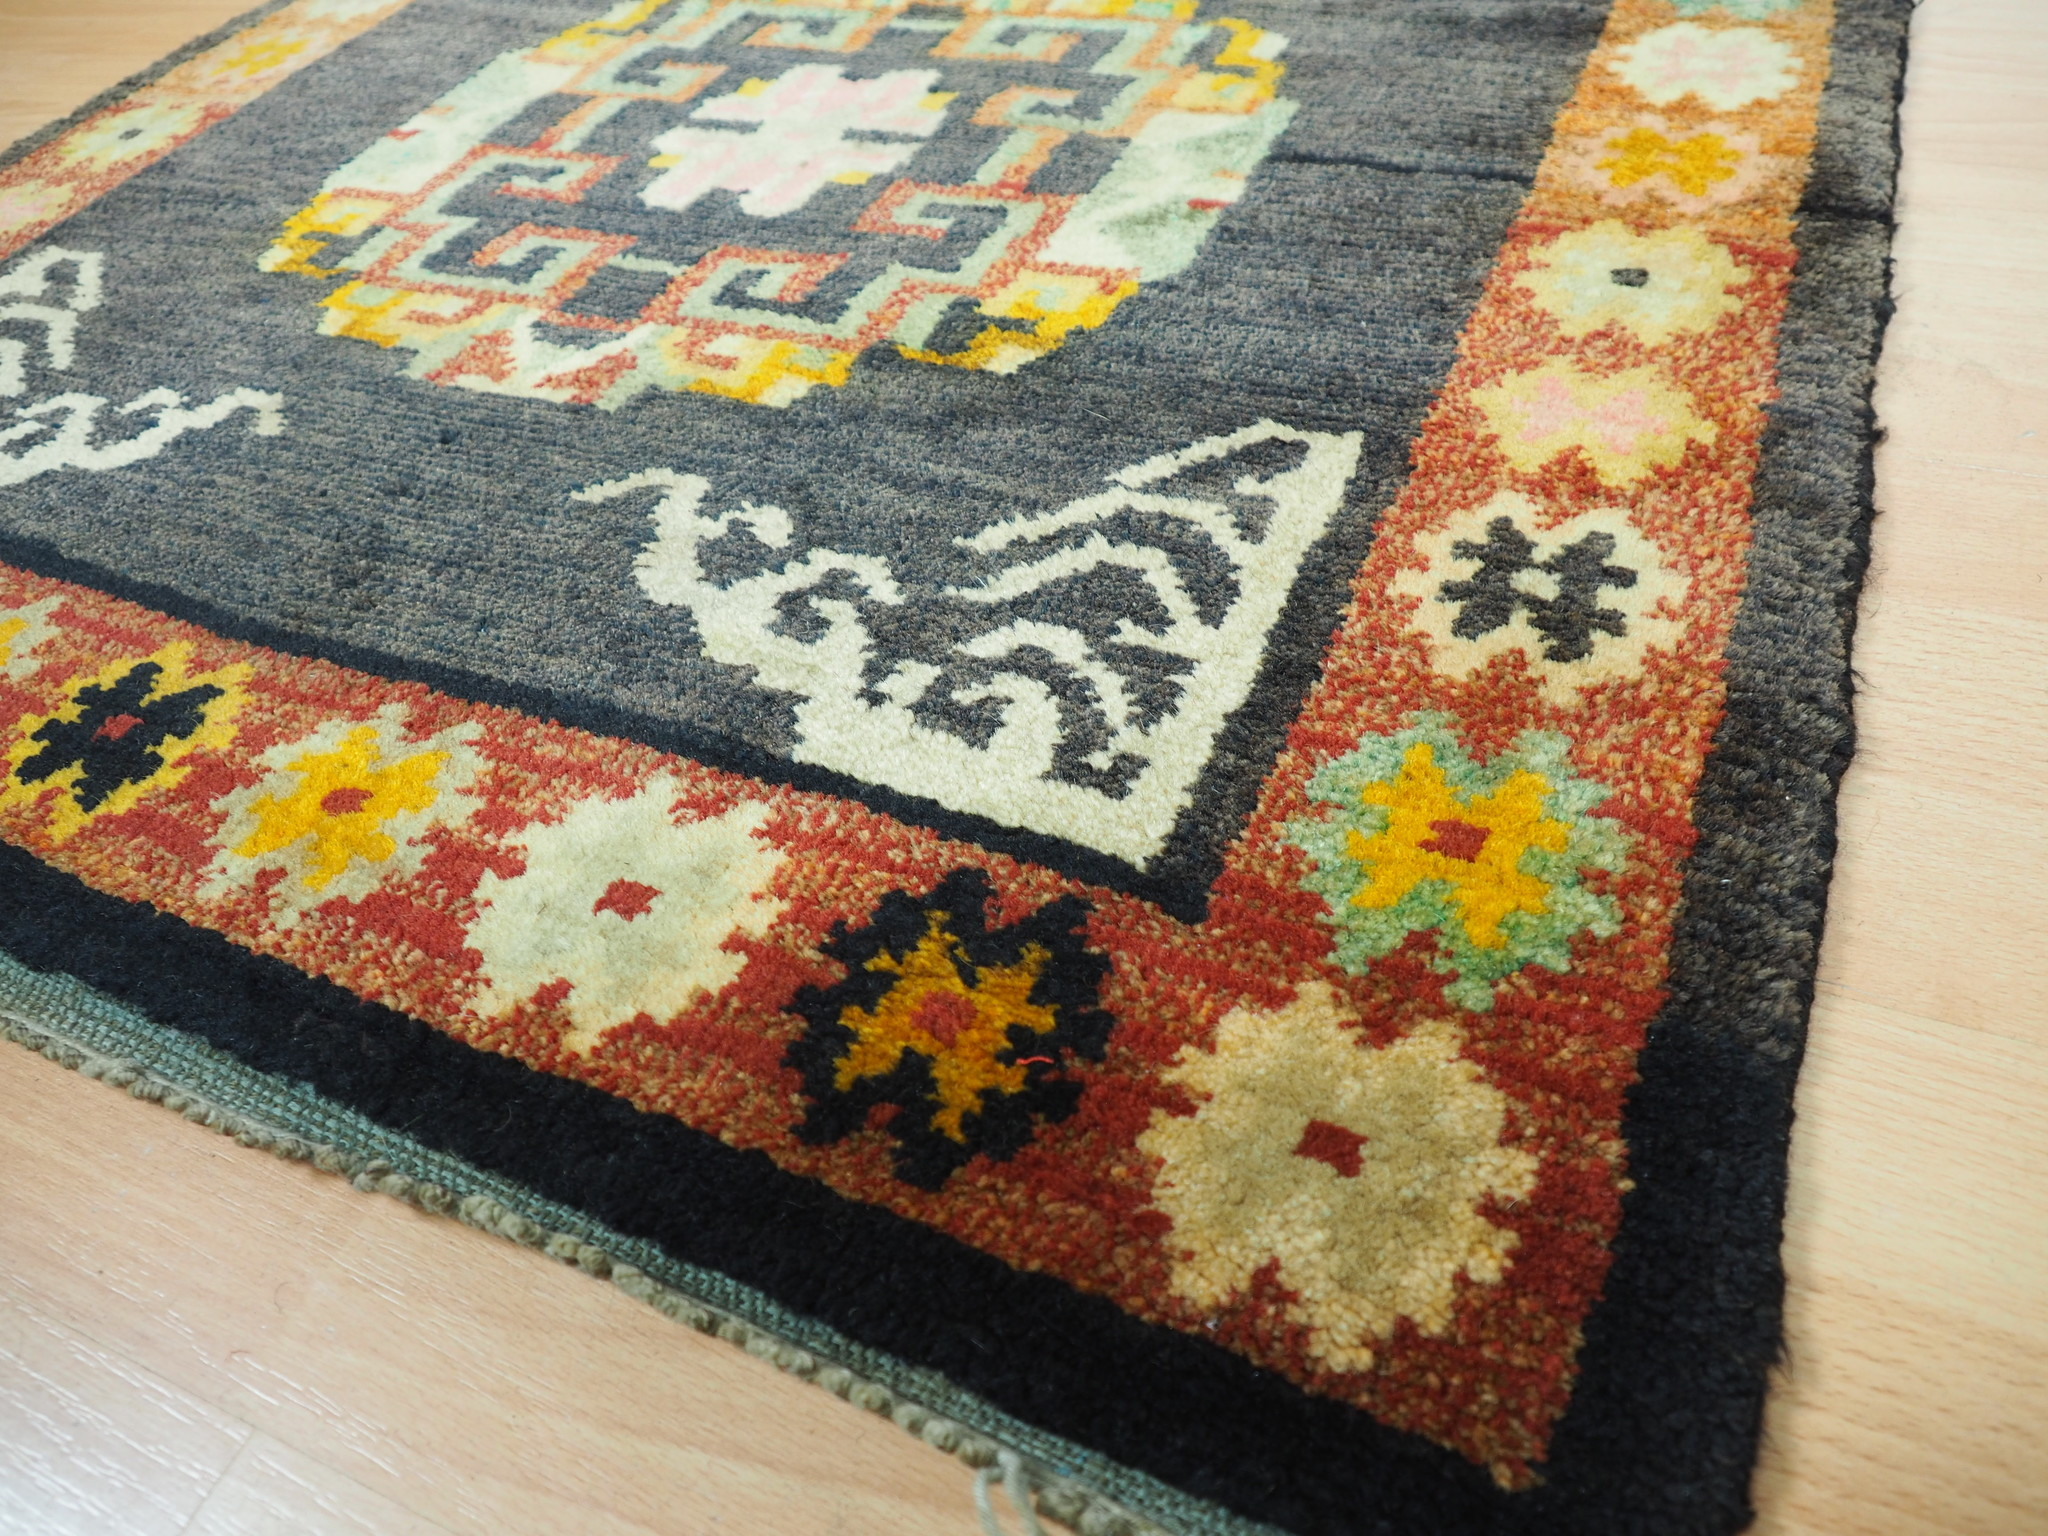 175x88 cm antik Tibetischer Khaden Yoga Meditation Dorfteppich buddhistische Klöster gebetsteppich Teppich Schlafteppich Nr.9